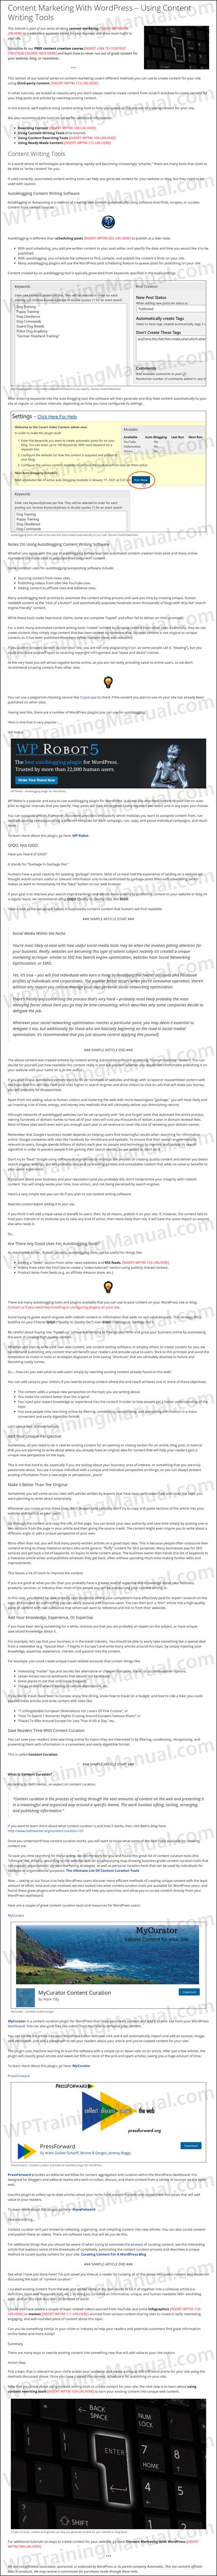 White Label Tutorial: Content Writing Tools - WPTrainingManual.com